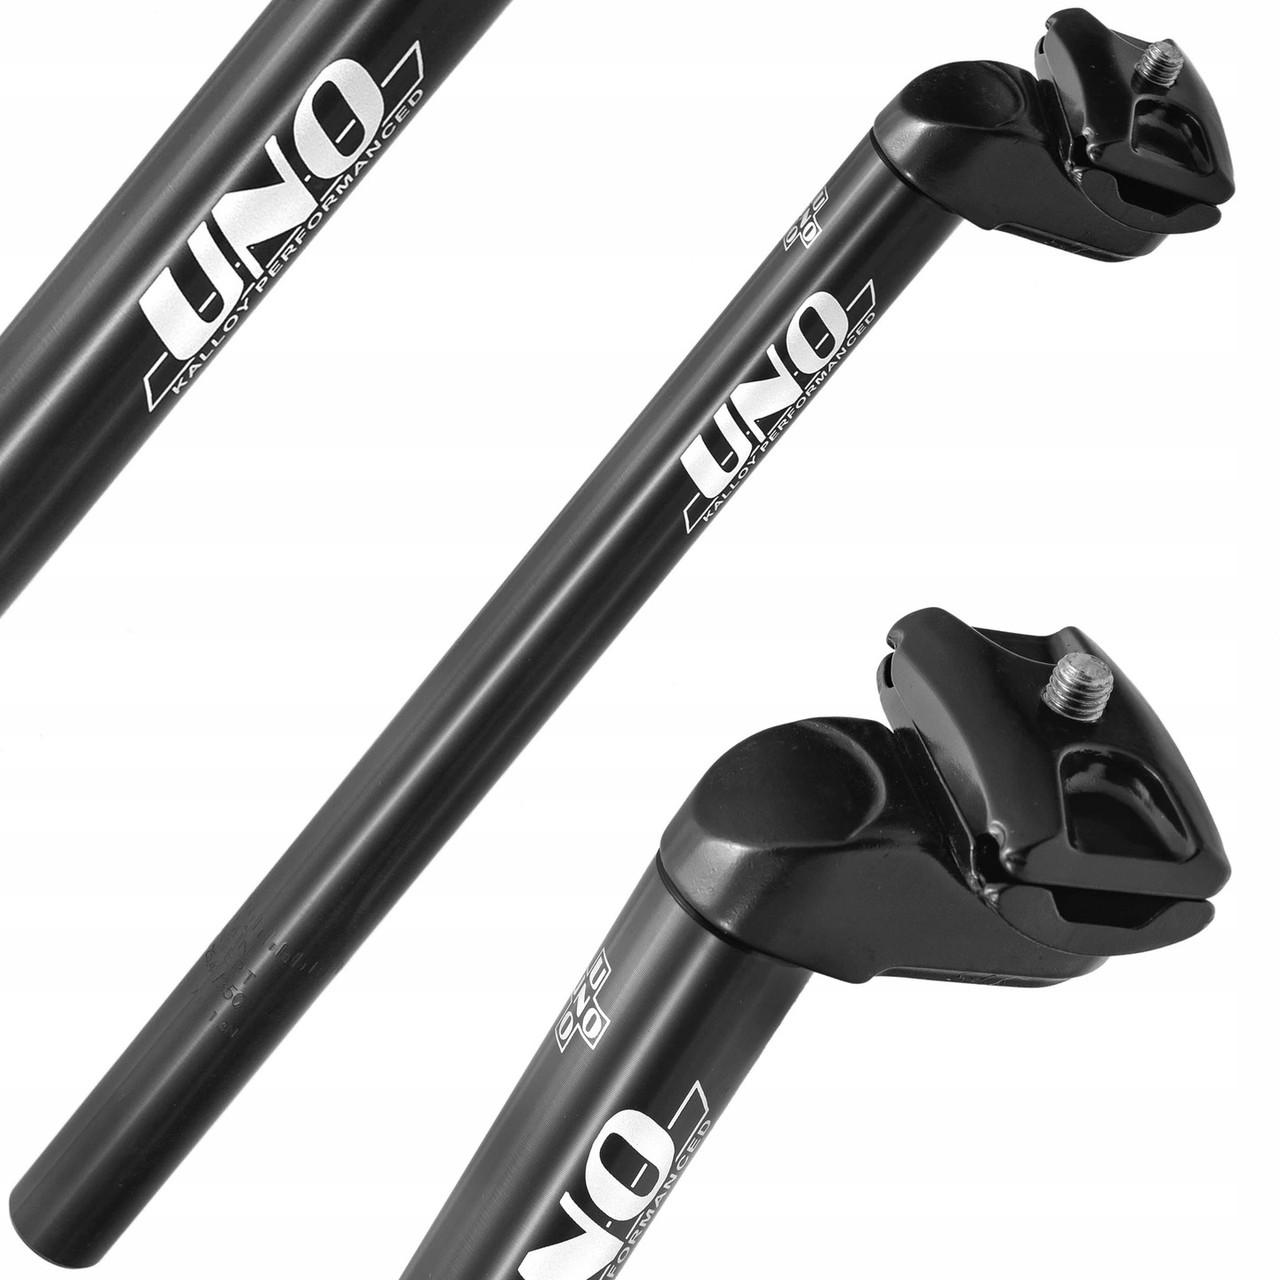 Підсідельний штир велосипеда UNO SP-602 (30,0 мм)